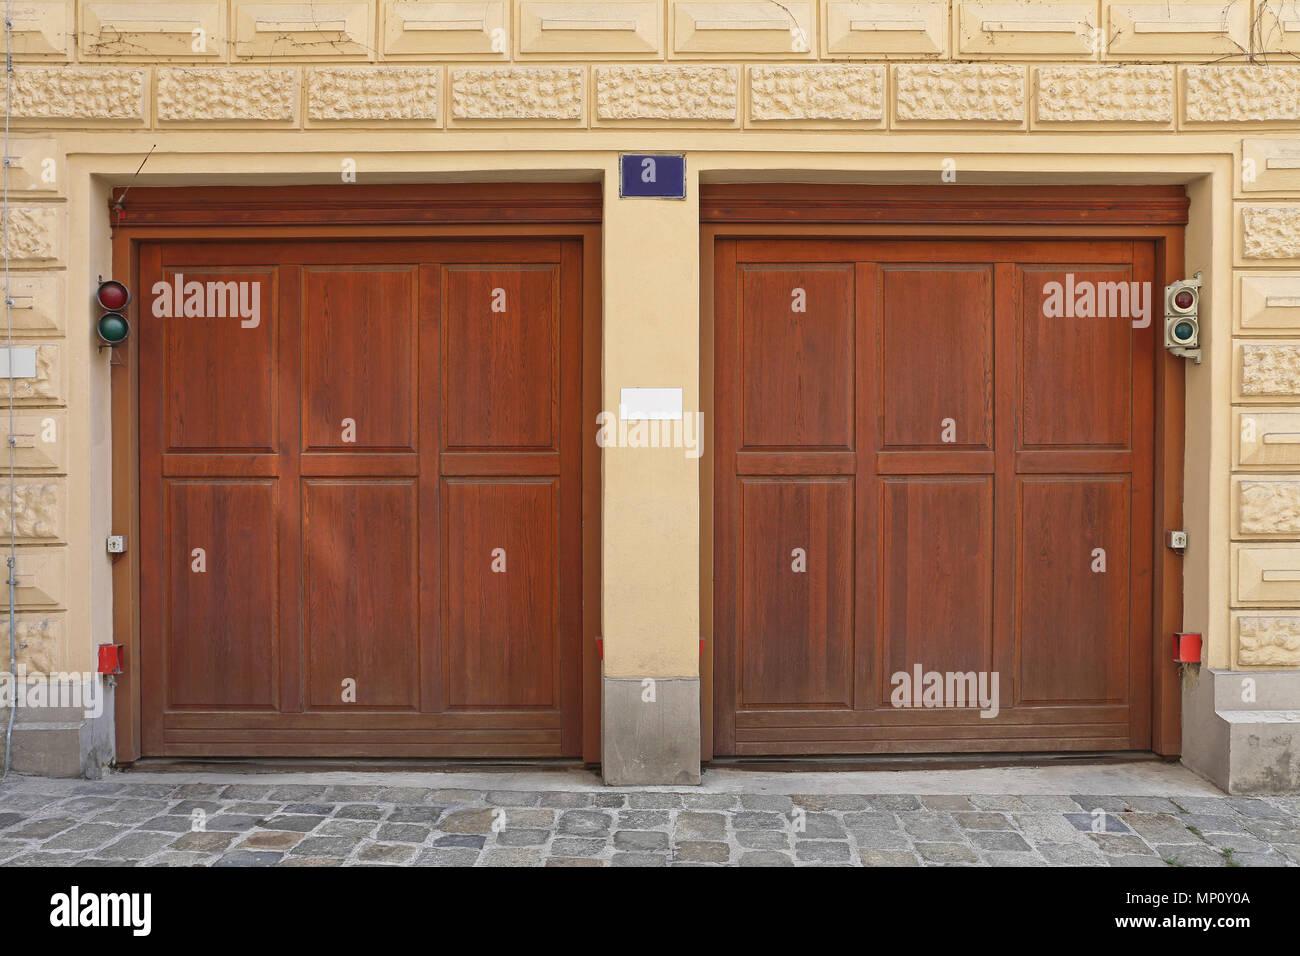 Zwei Holz Garagentore im Haus Stockfoto, Bild: 185647290 - Alamy